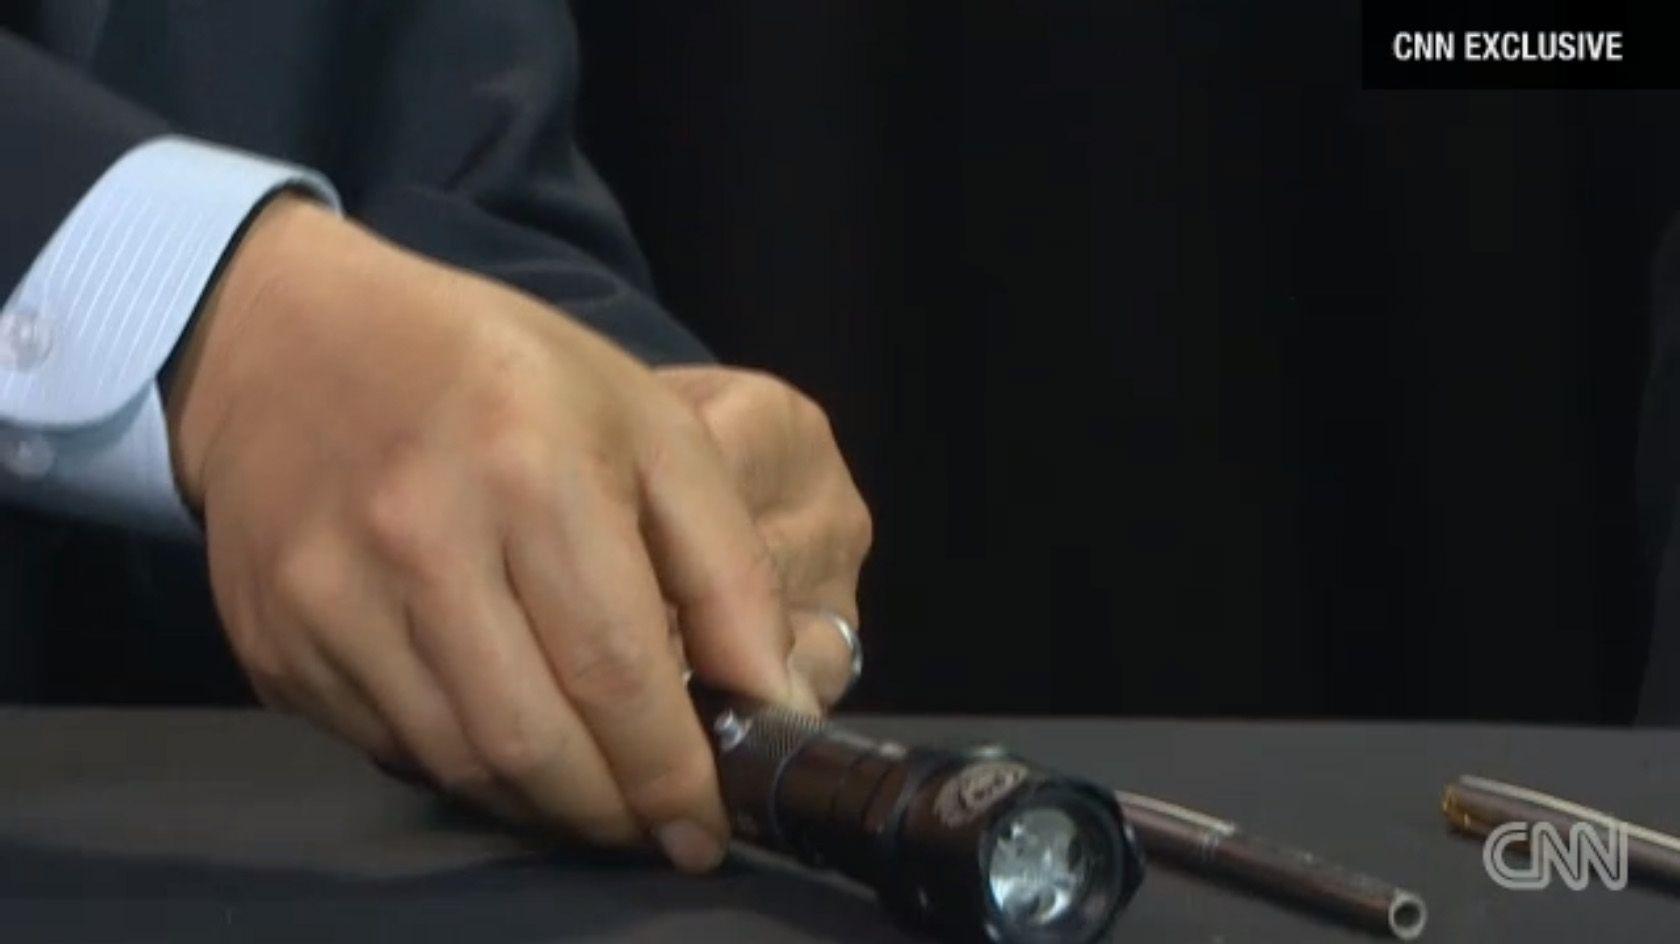 En lommelykt utstyrt med tre kuler var også en del av det dødelige arsenalet.Foto: CNN